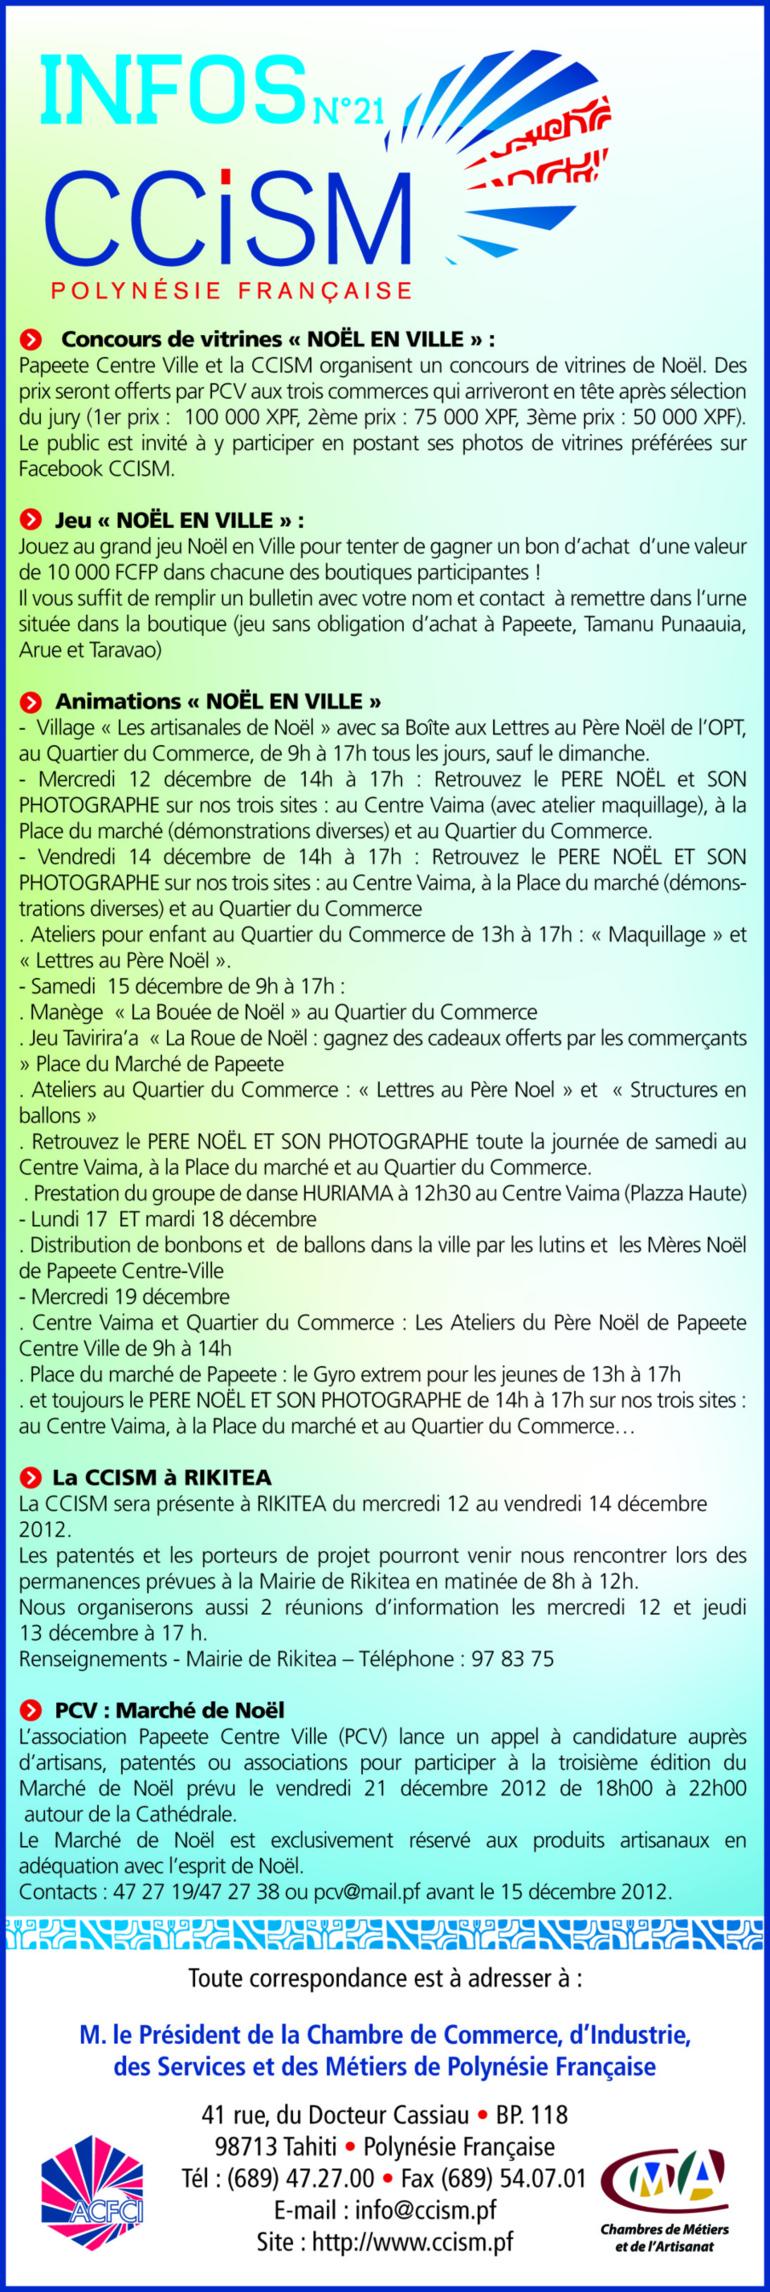 Infos CCISM N° 21